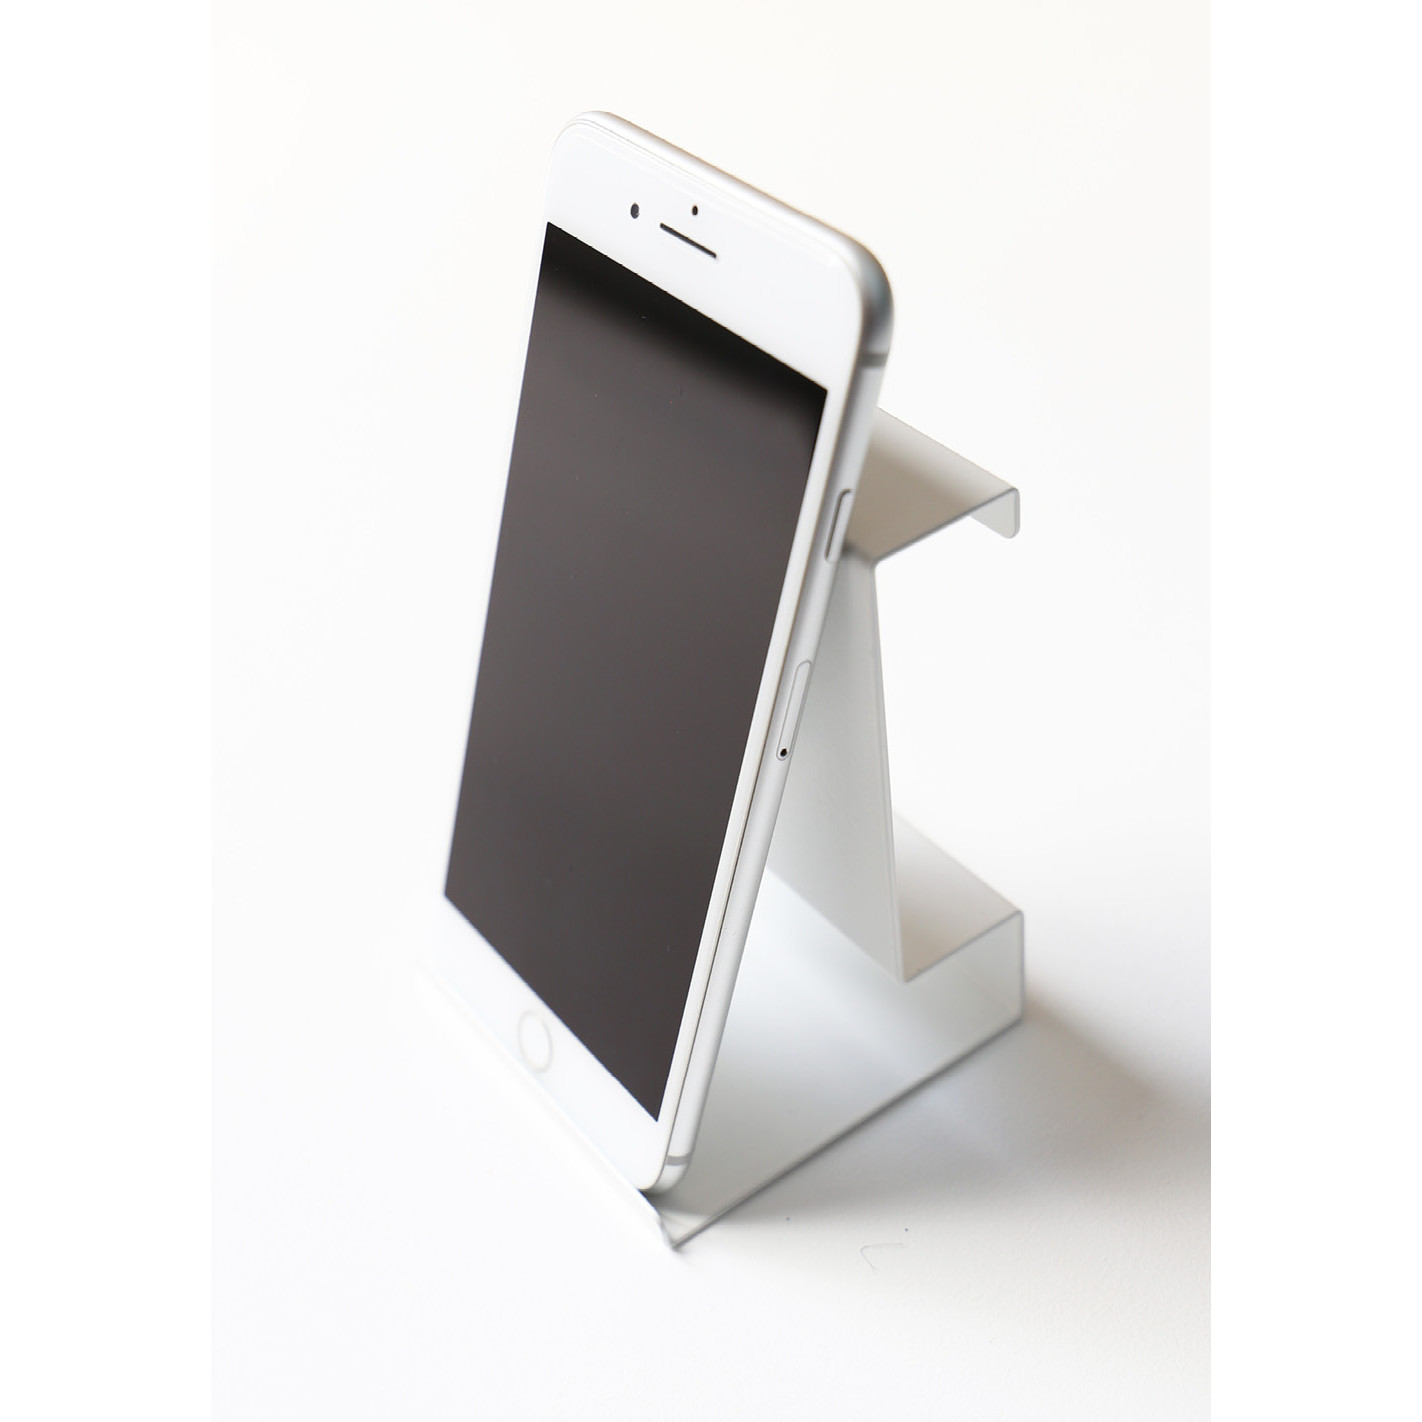 Tablet/Smartphone Ständer Ledge:able Mini   Weiß